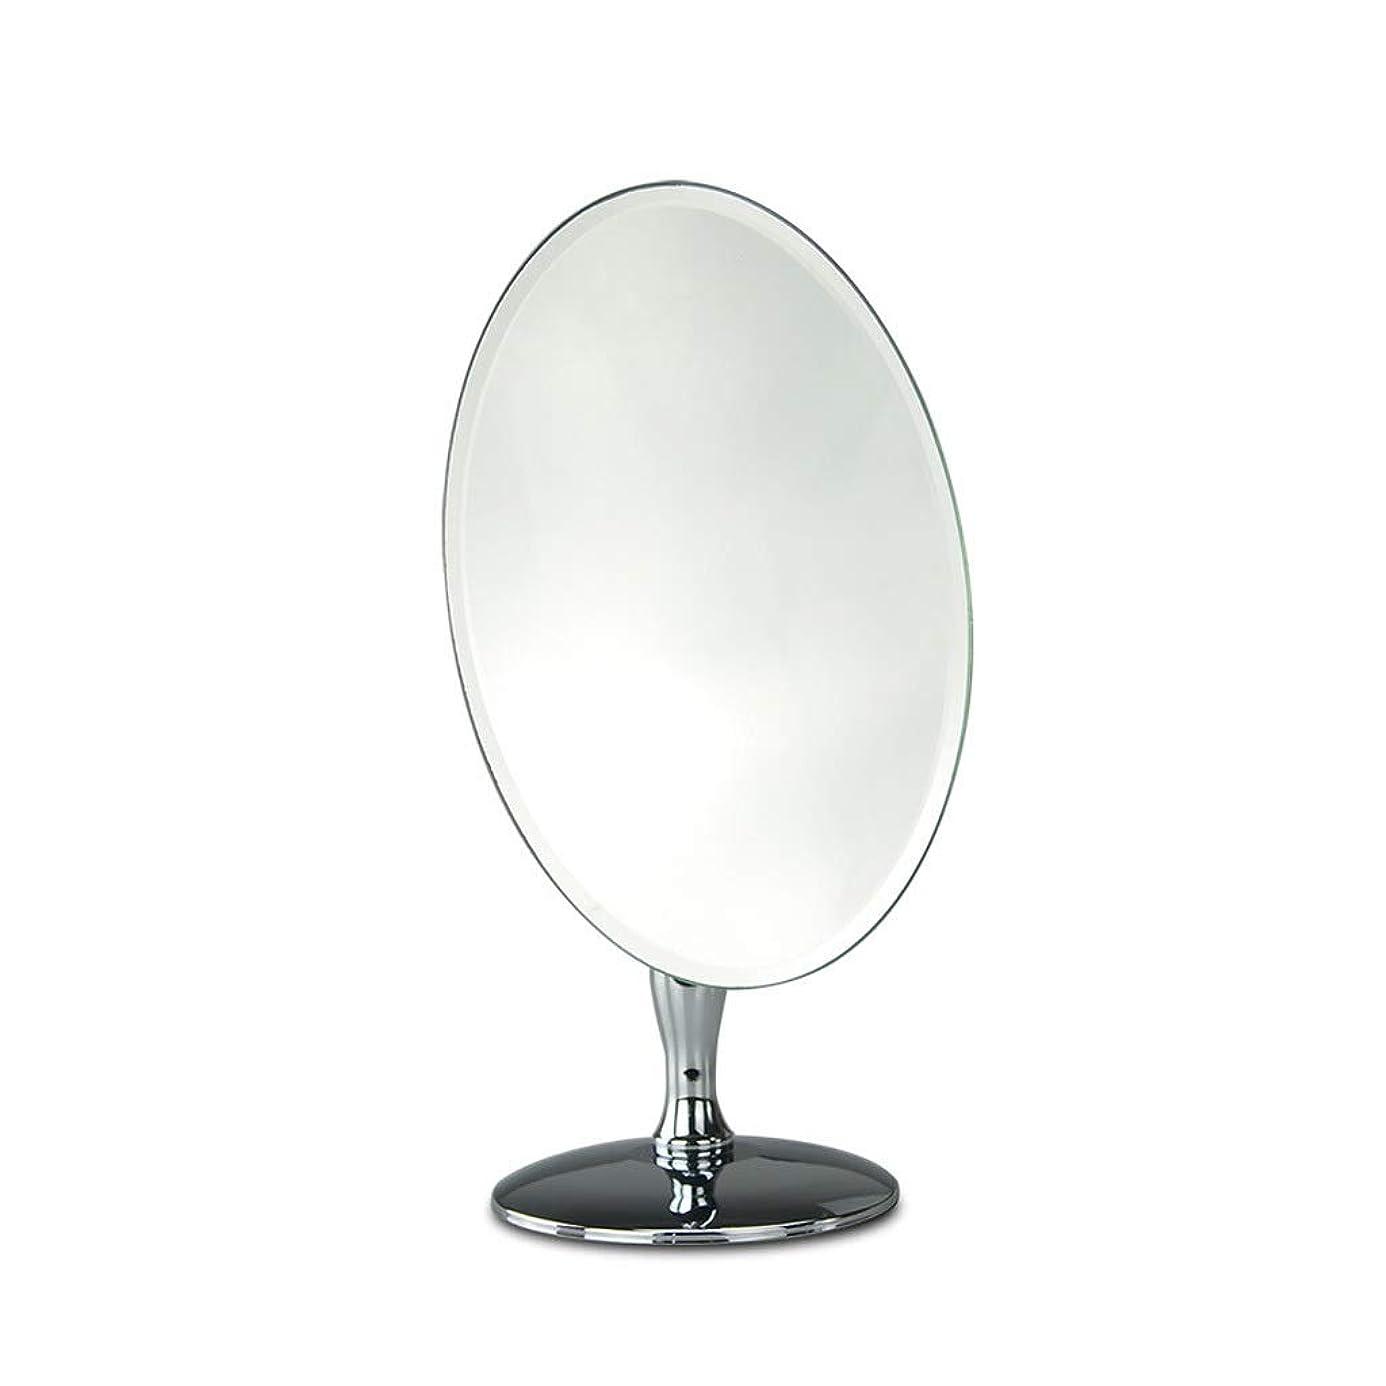 復活するアームストロングフレキシブルMiaoliangliang オーバル化粧化粧鏡エレガントなフレームレスデザインの寝室のテーブルまたはバスルームのカウンタートップ、ギフト用のガールフレンド155X290mm